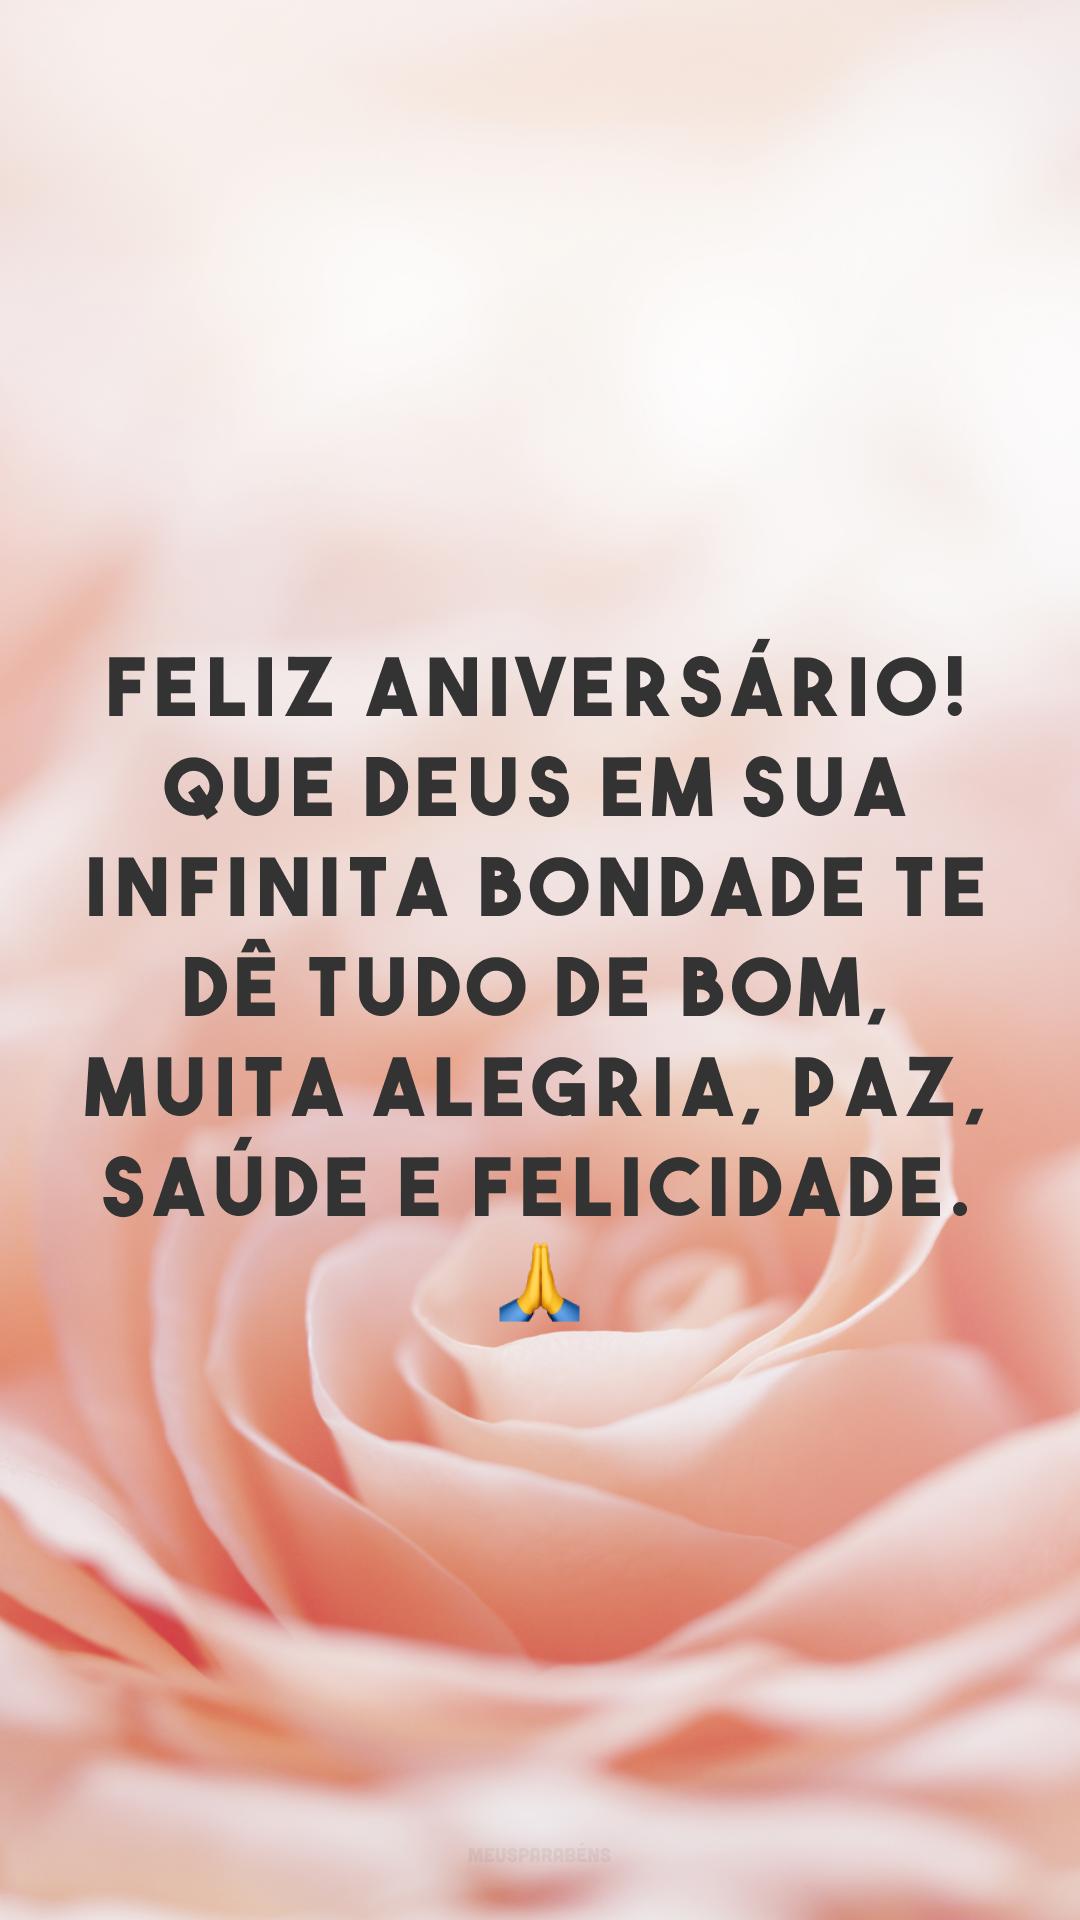 Feliz aniversário! Que Deus em sua infinita bondade te dê tudo de bom, muita alegria, paz, saúde e felicidade. 🙏